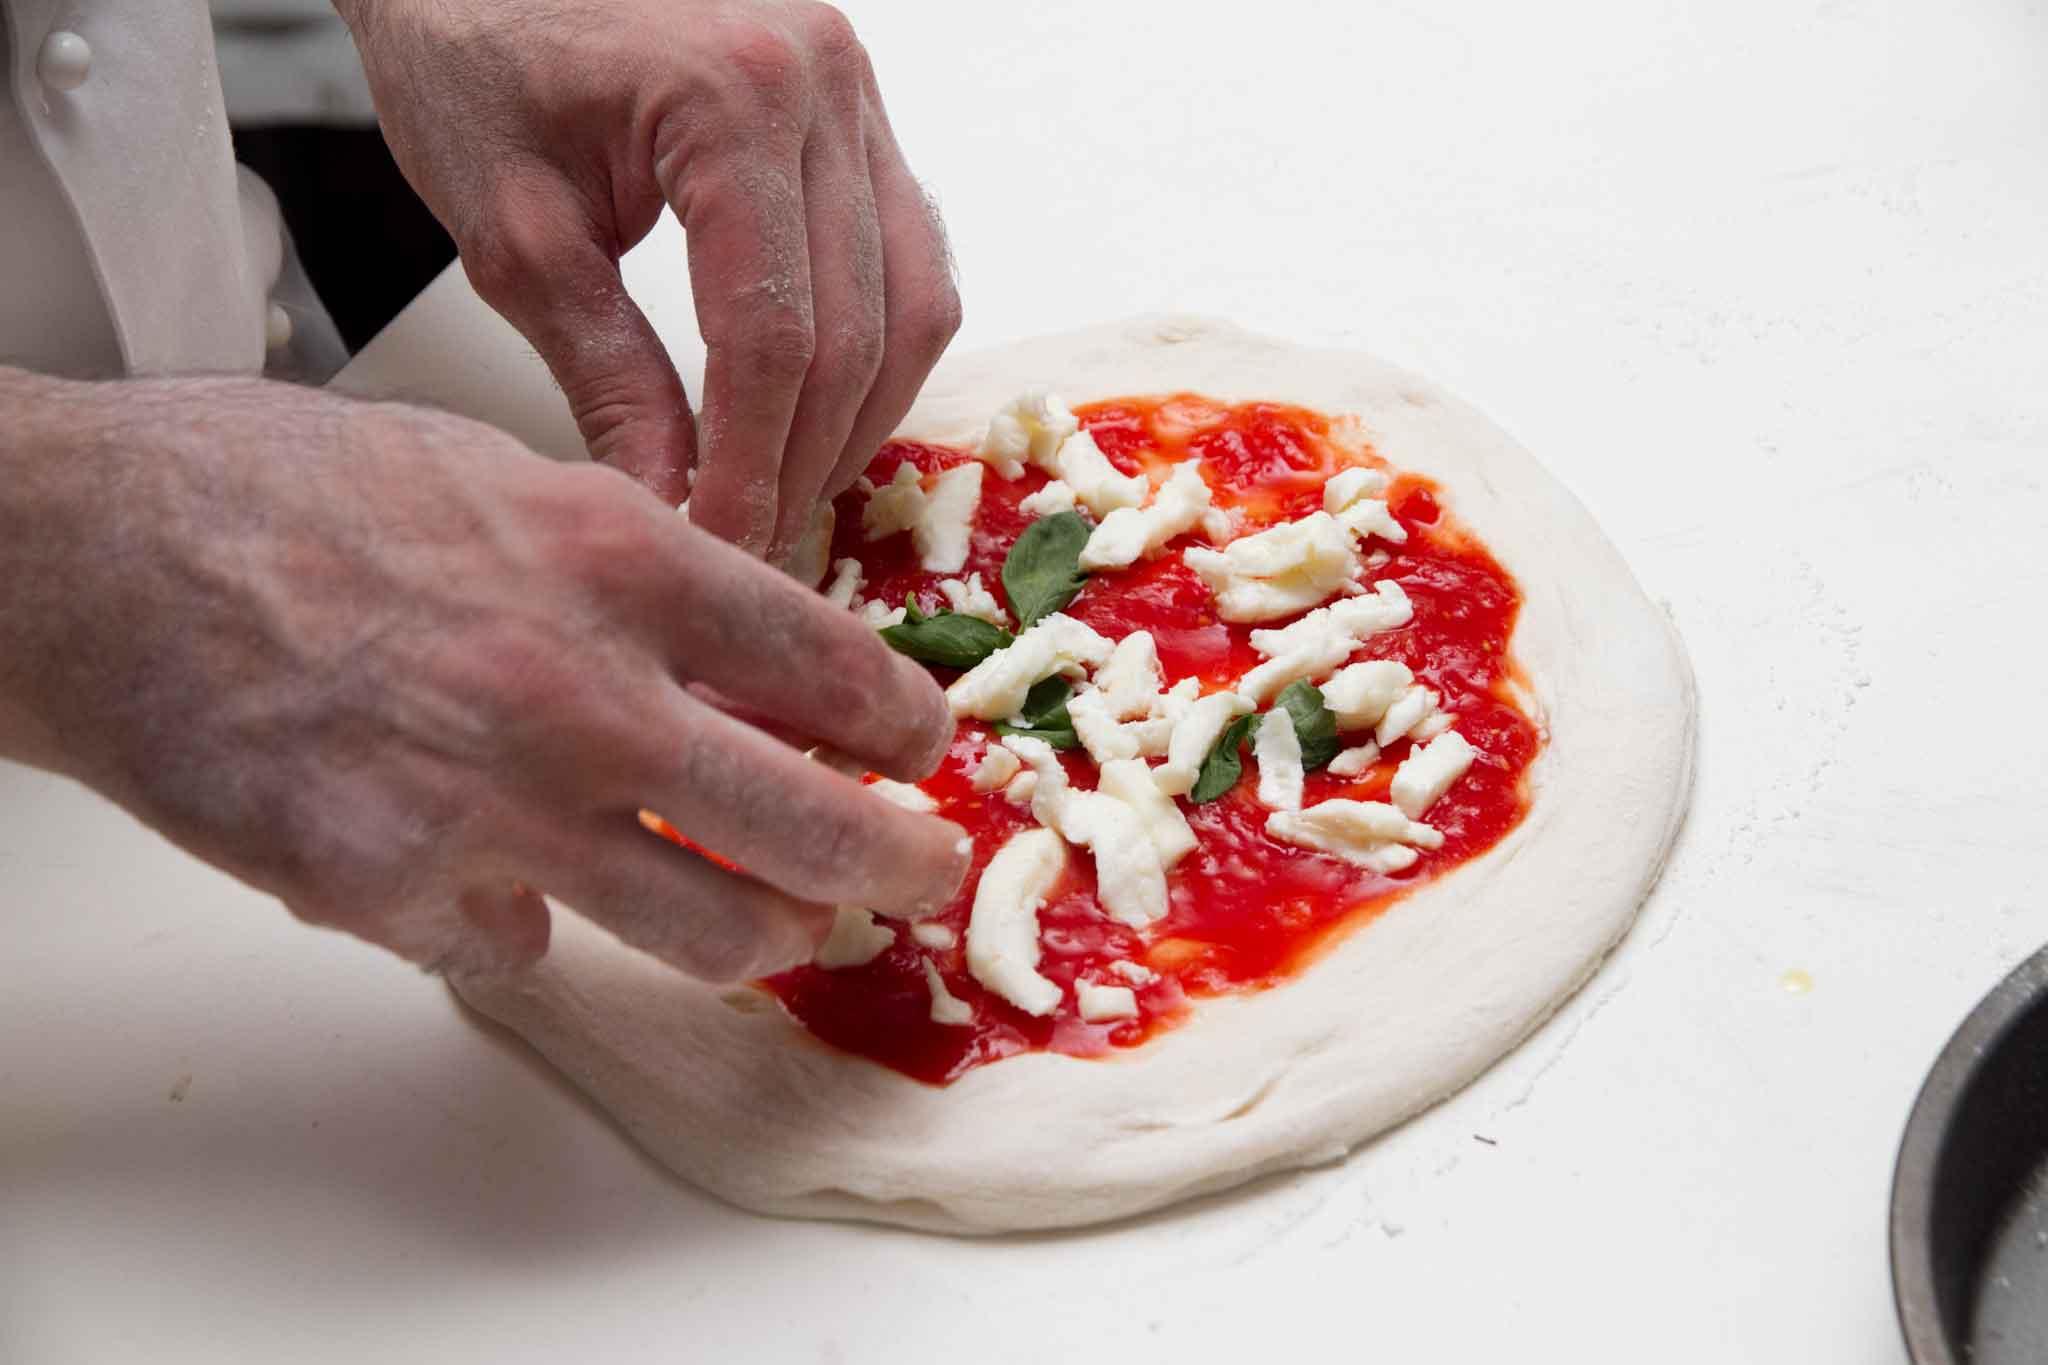 preparazione pizza Salvatore Lioniello